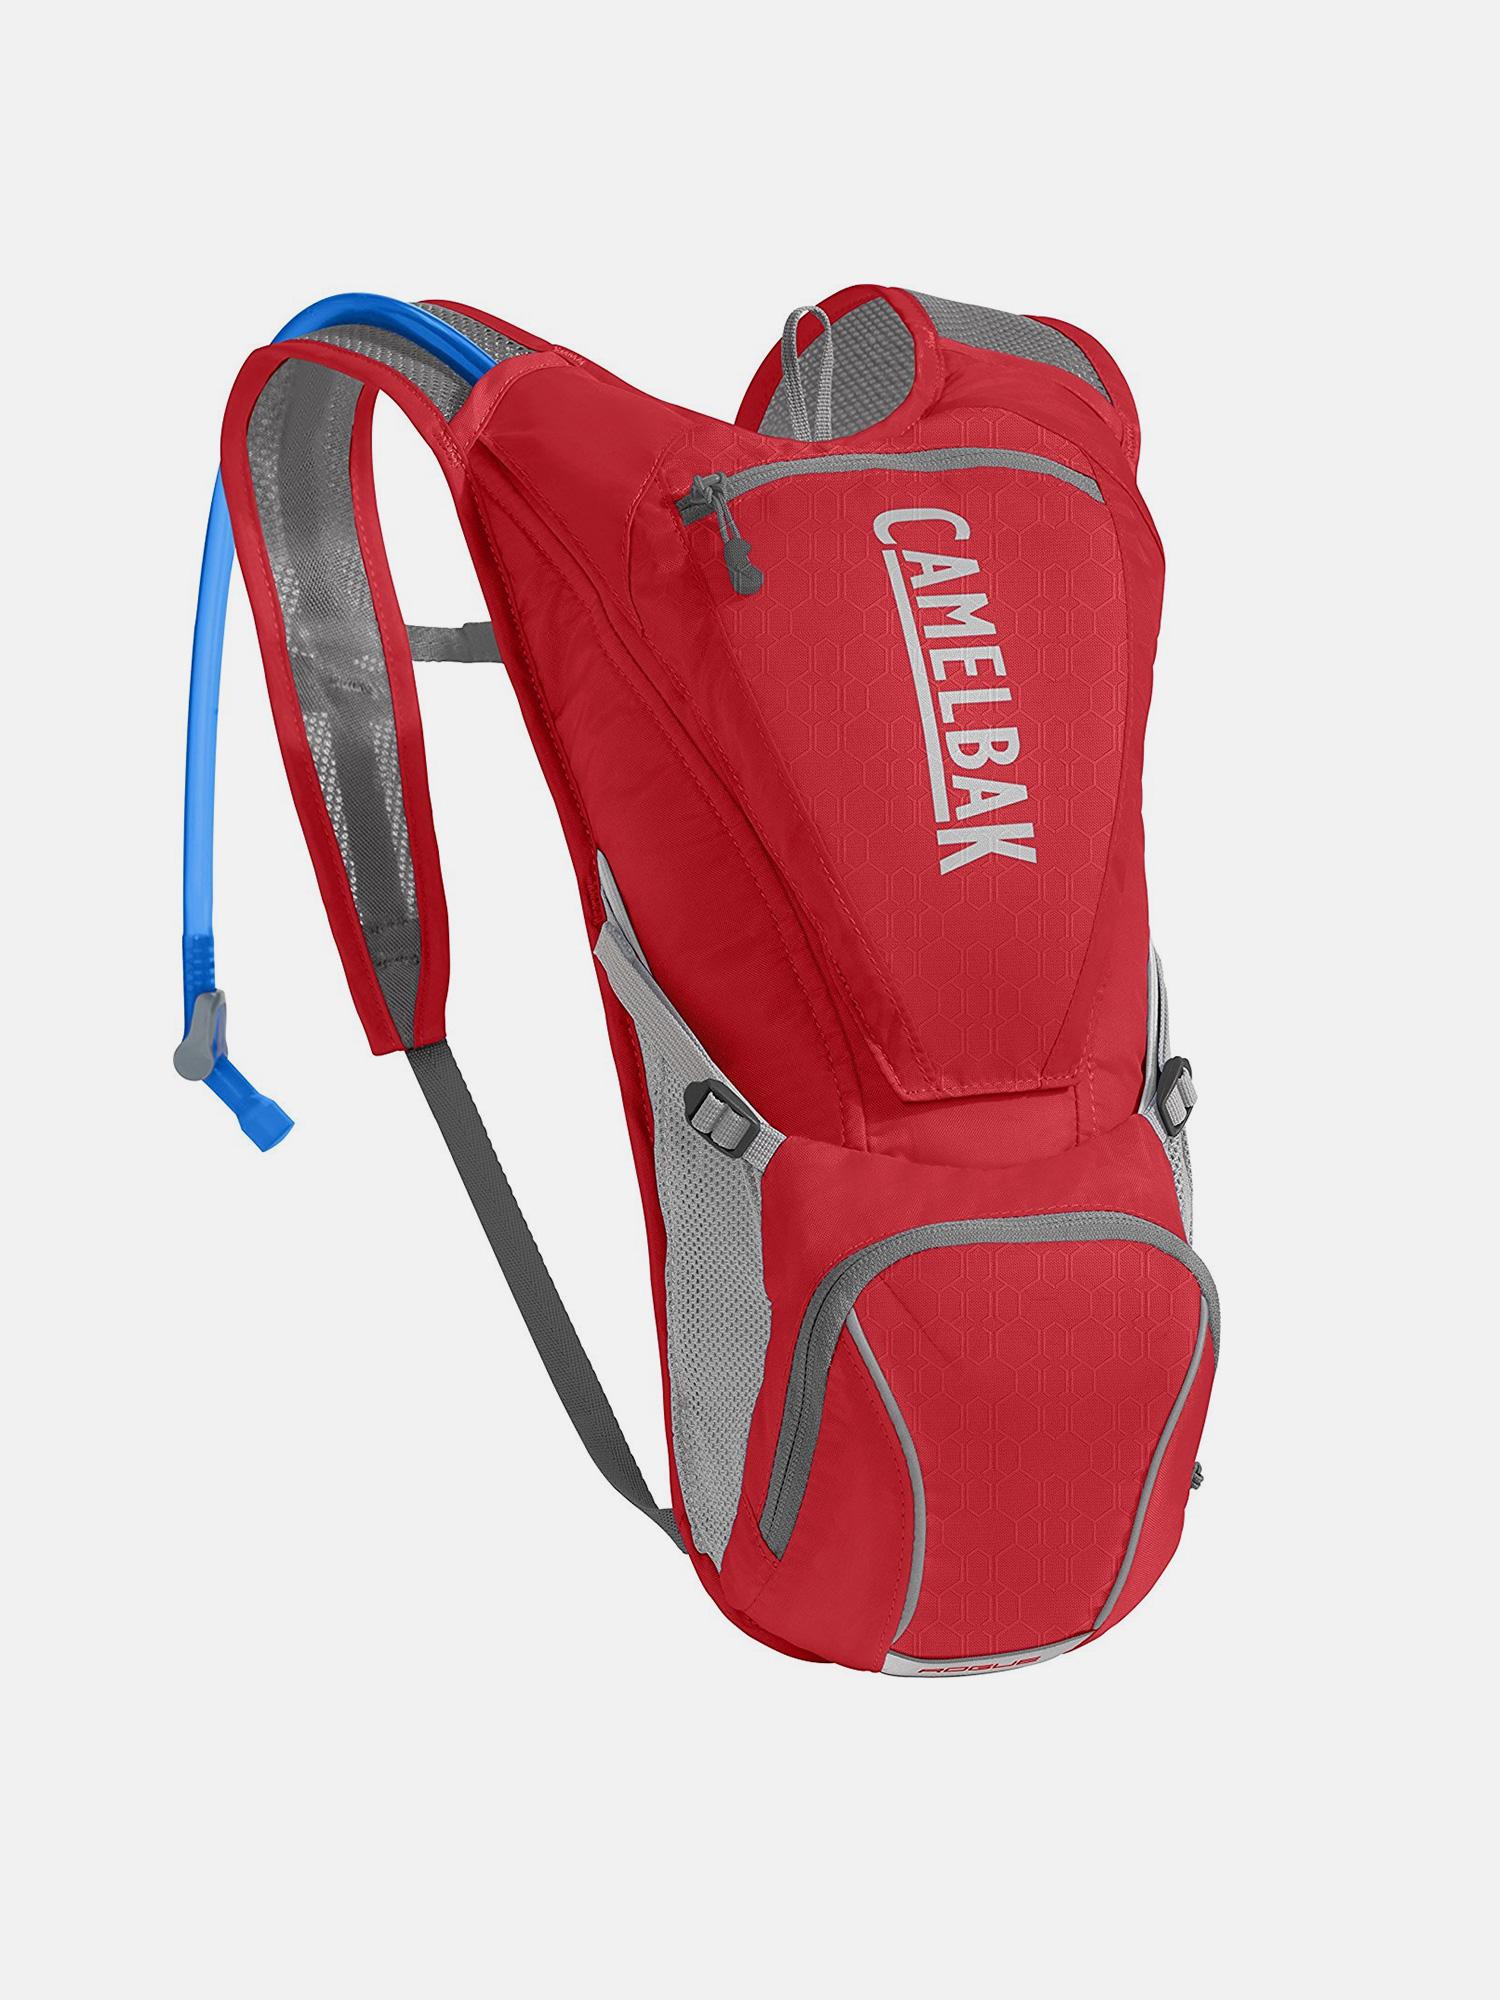 Camelbak 85 ounce Hydration Pack - $68.99